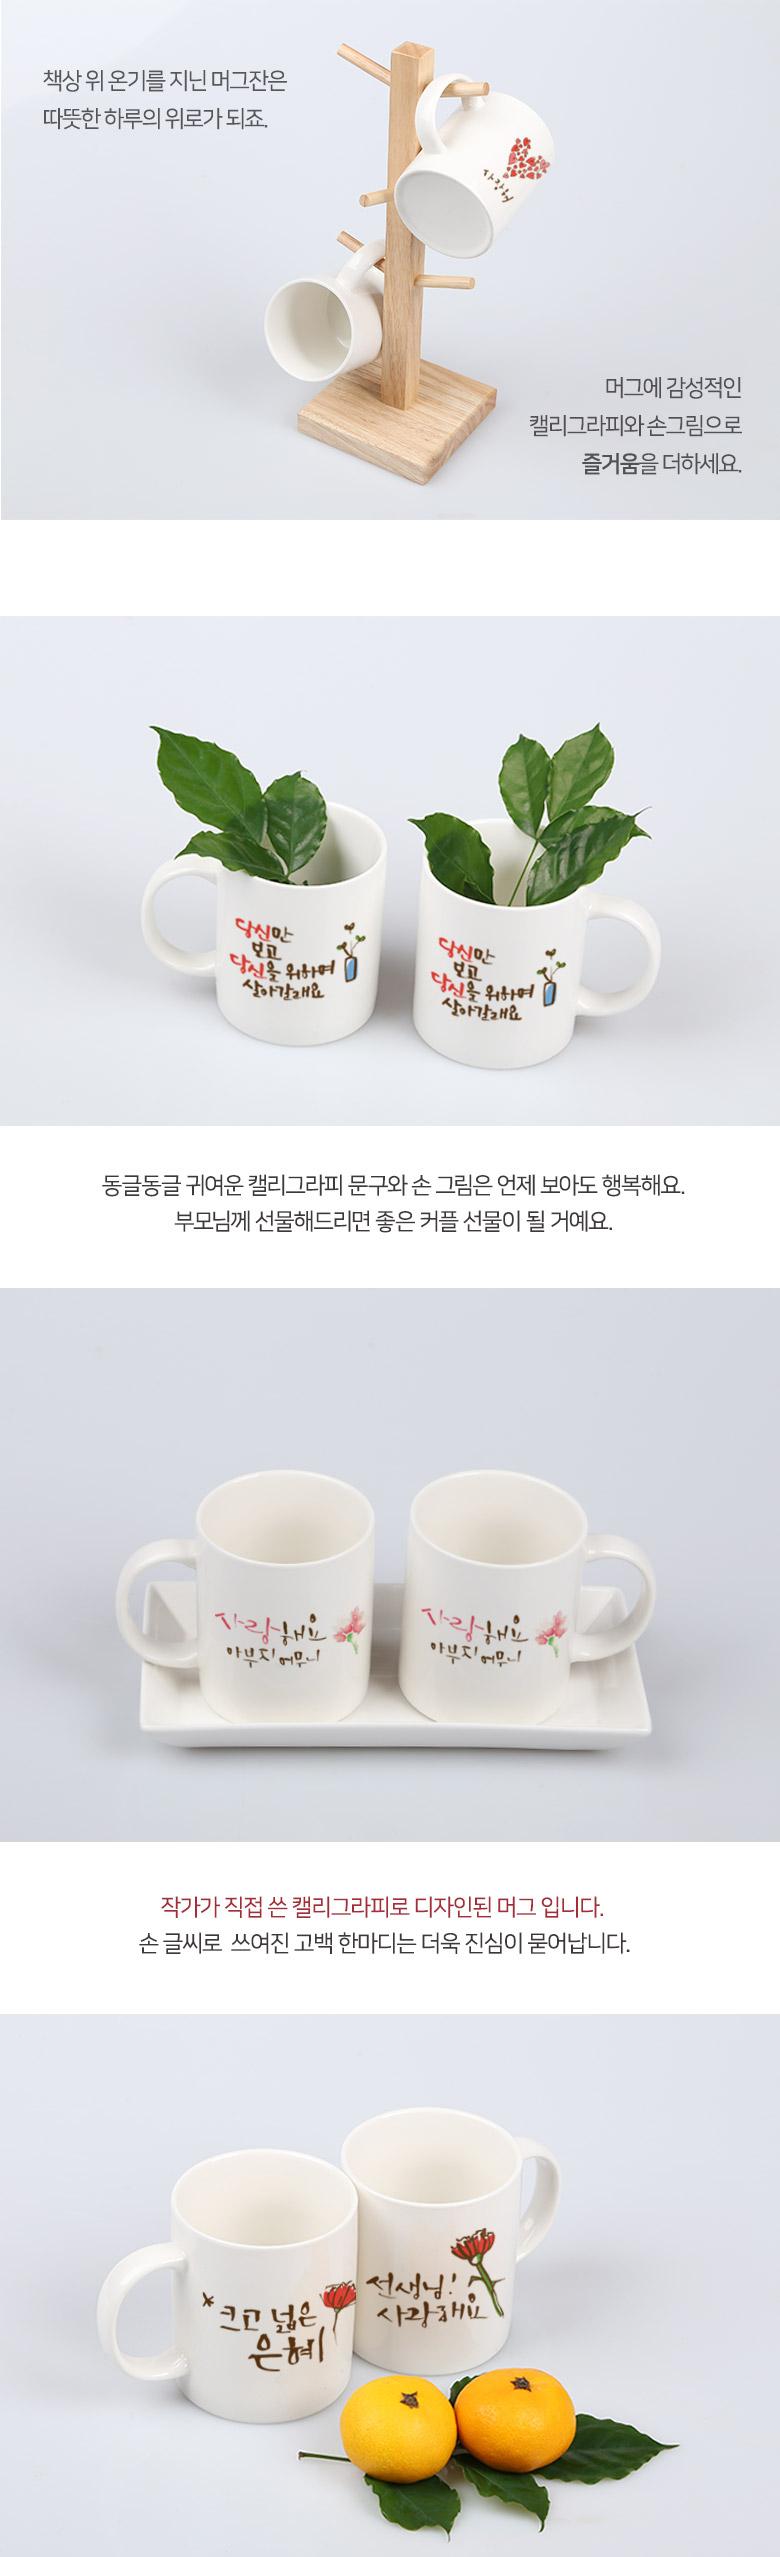 (무료각인)캘리 메세지 카네이션 머그컵 for 어버이날 선물(주문제작 가능) - 1AM, 12,000원, 머그컵, 기념일머그